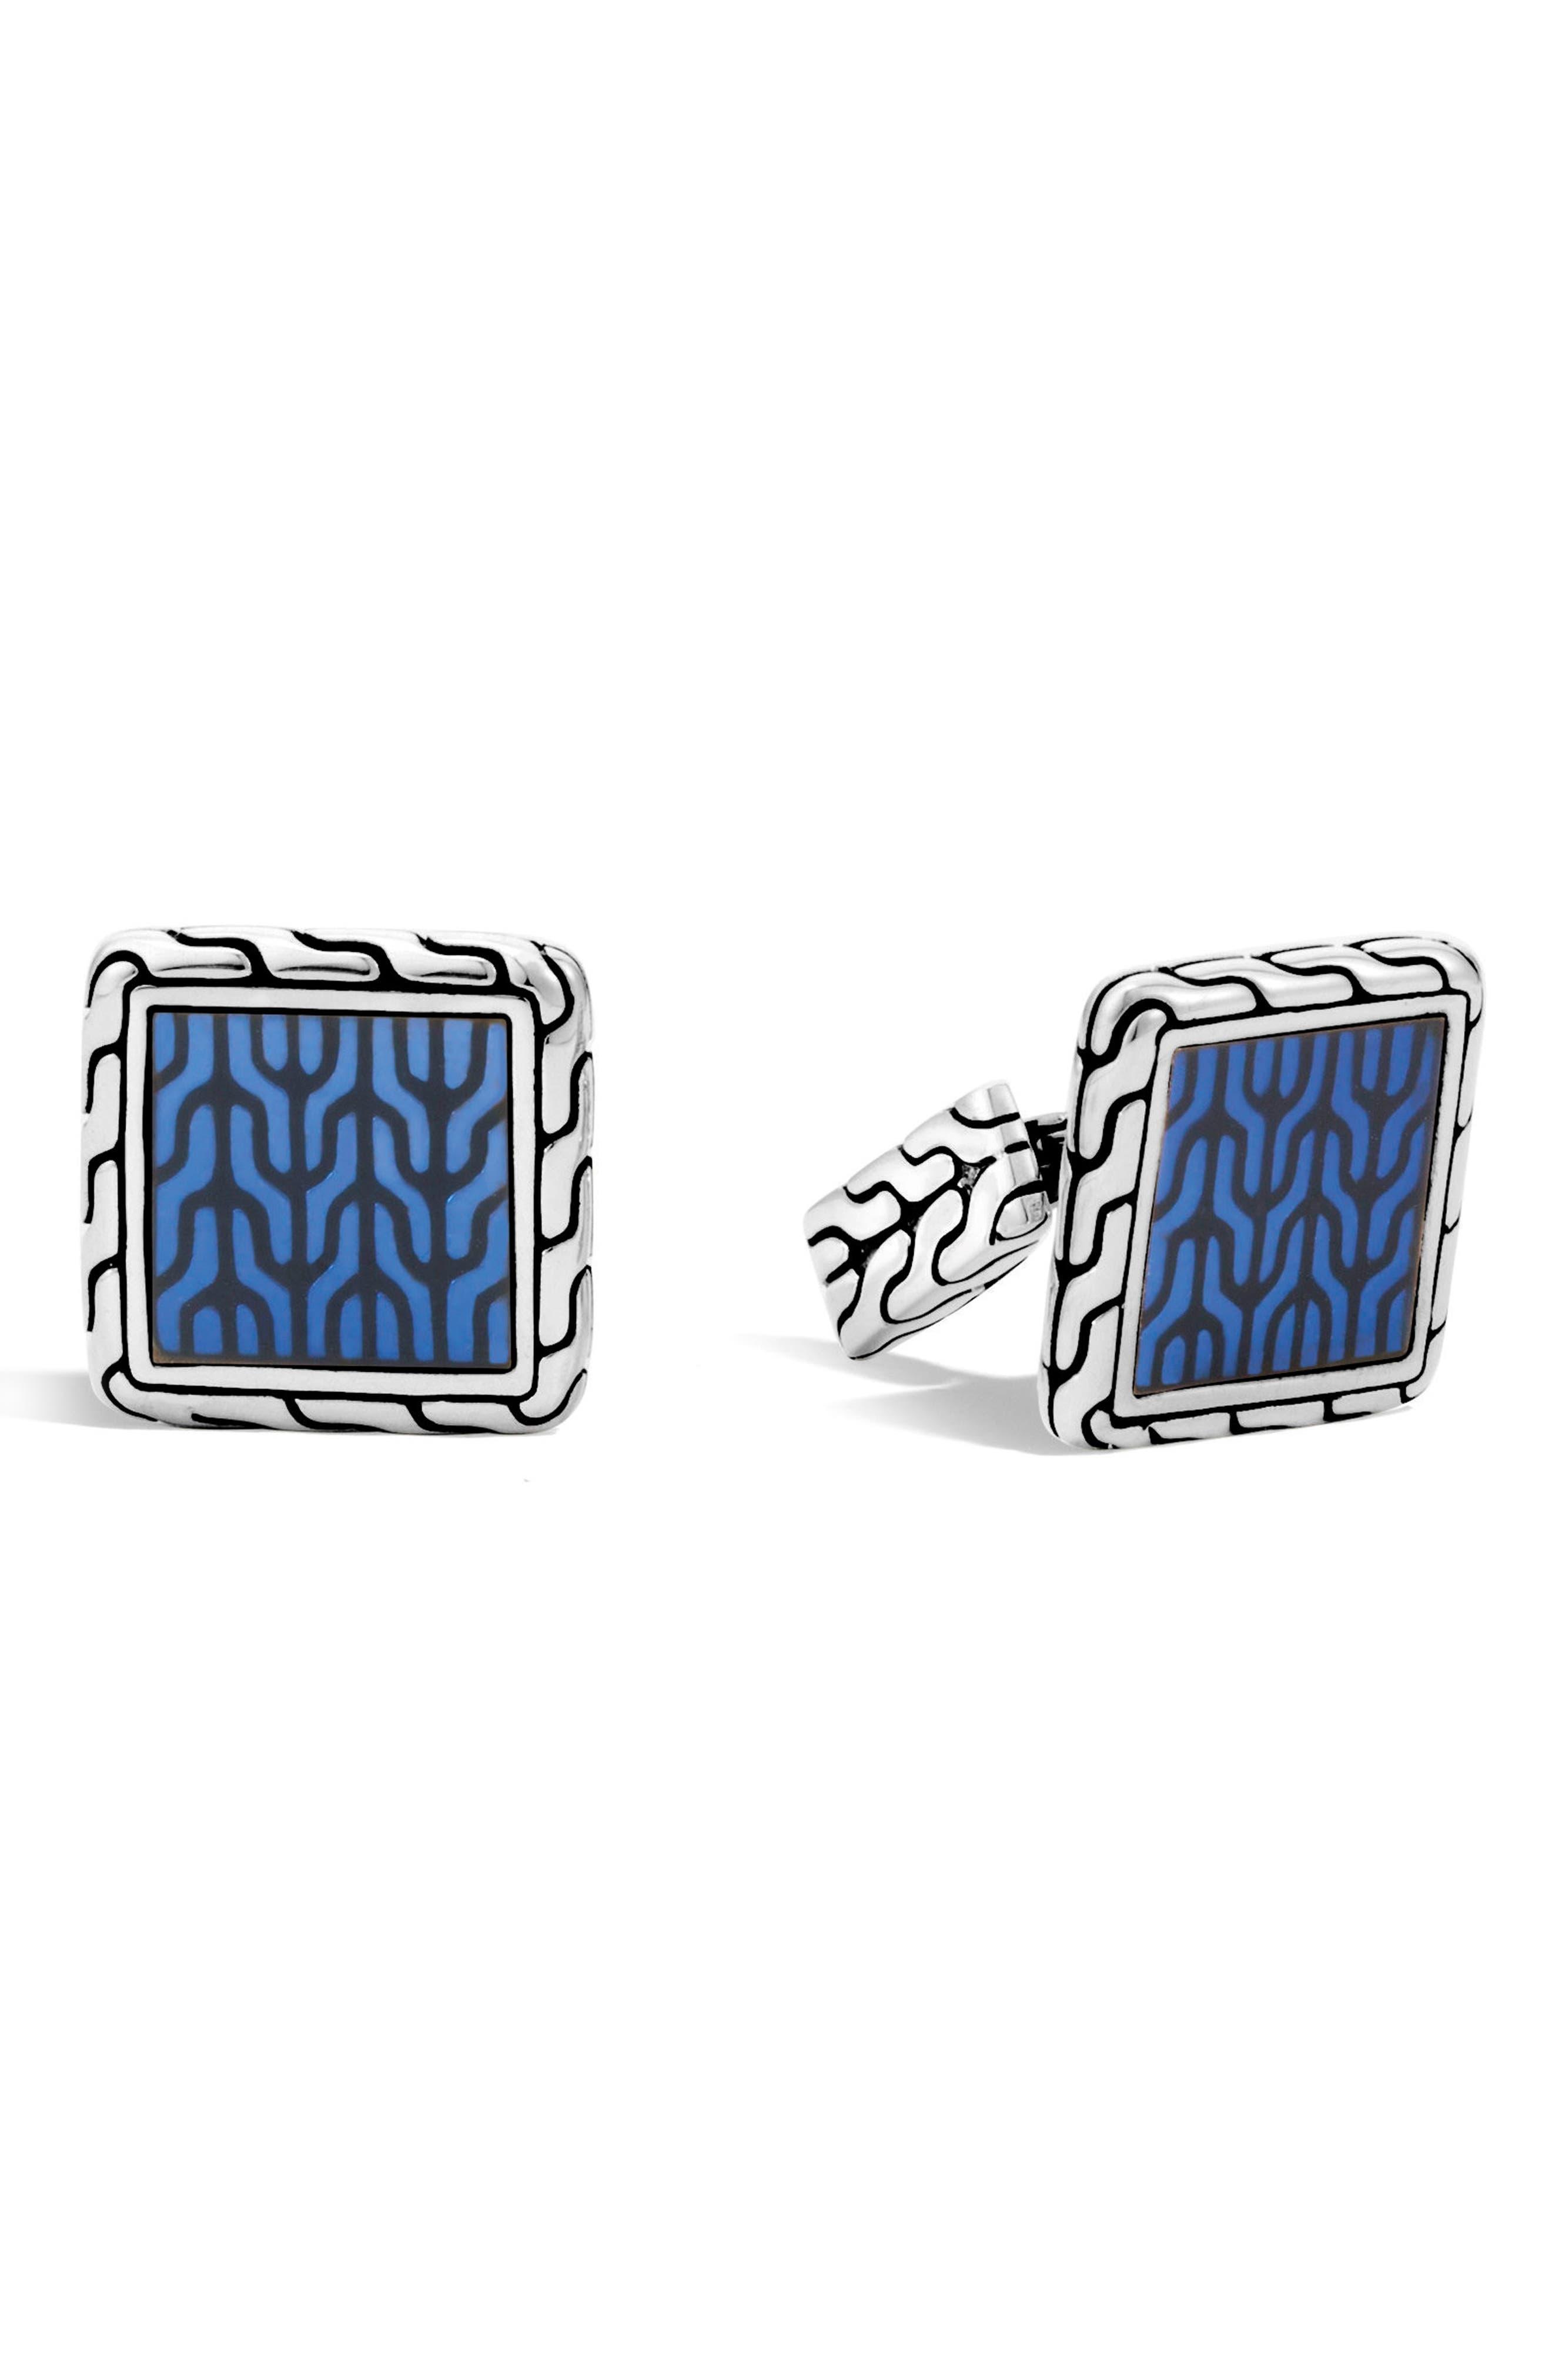 Classic Chain Silver Enamel Square Cuff Links,                         Main,                         color, Silver/ Blue